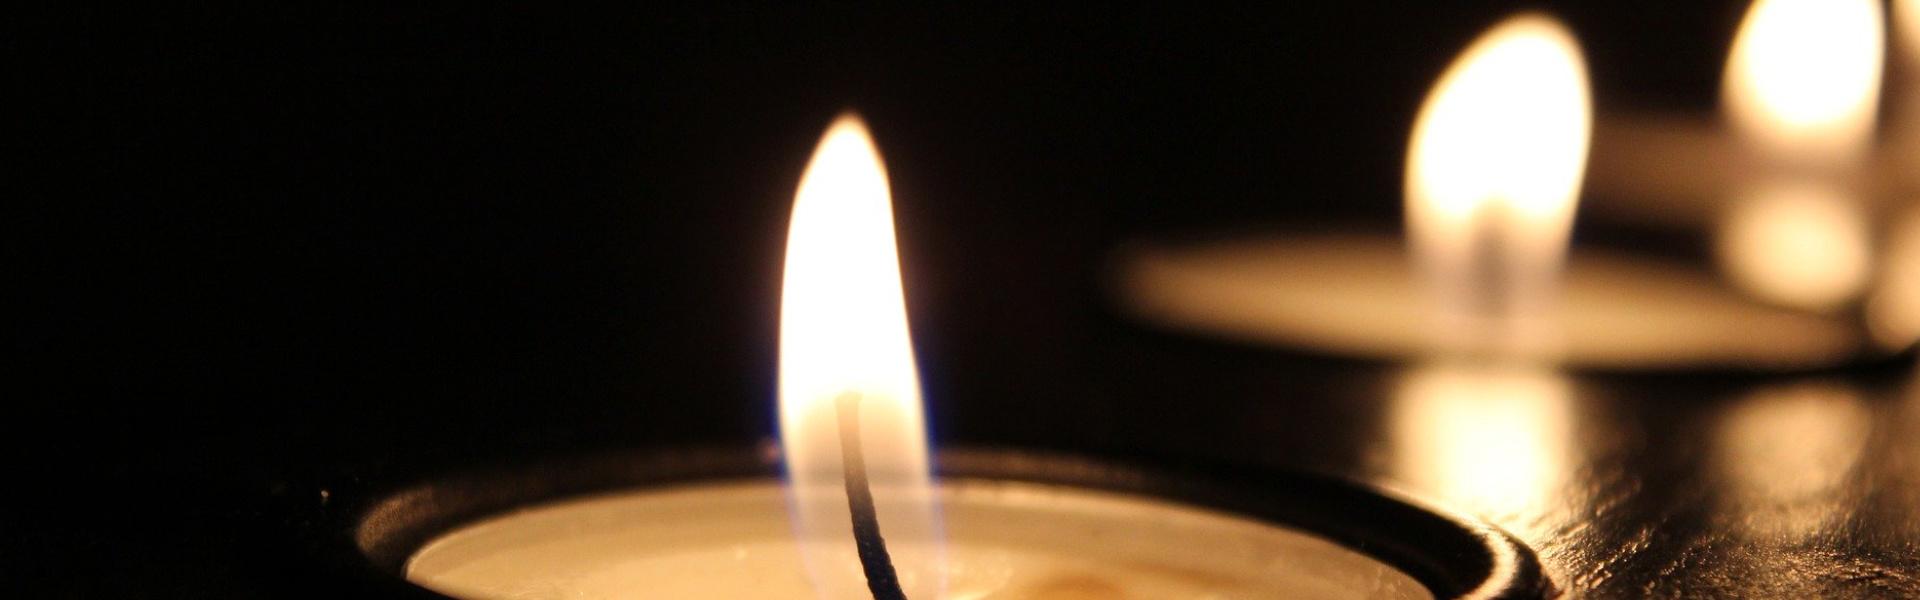 Najważniejsze informacje o kandeli i luminancji